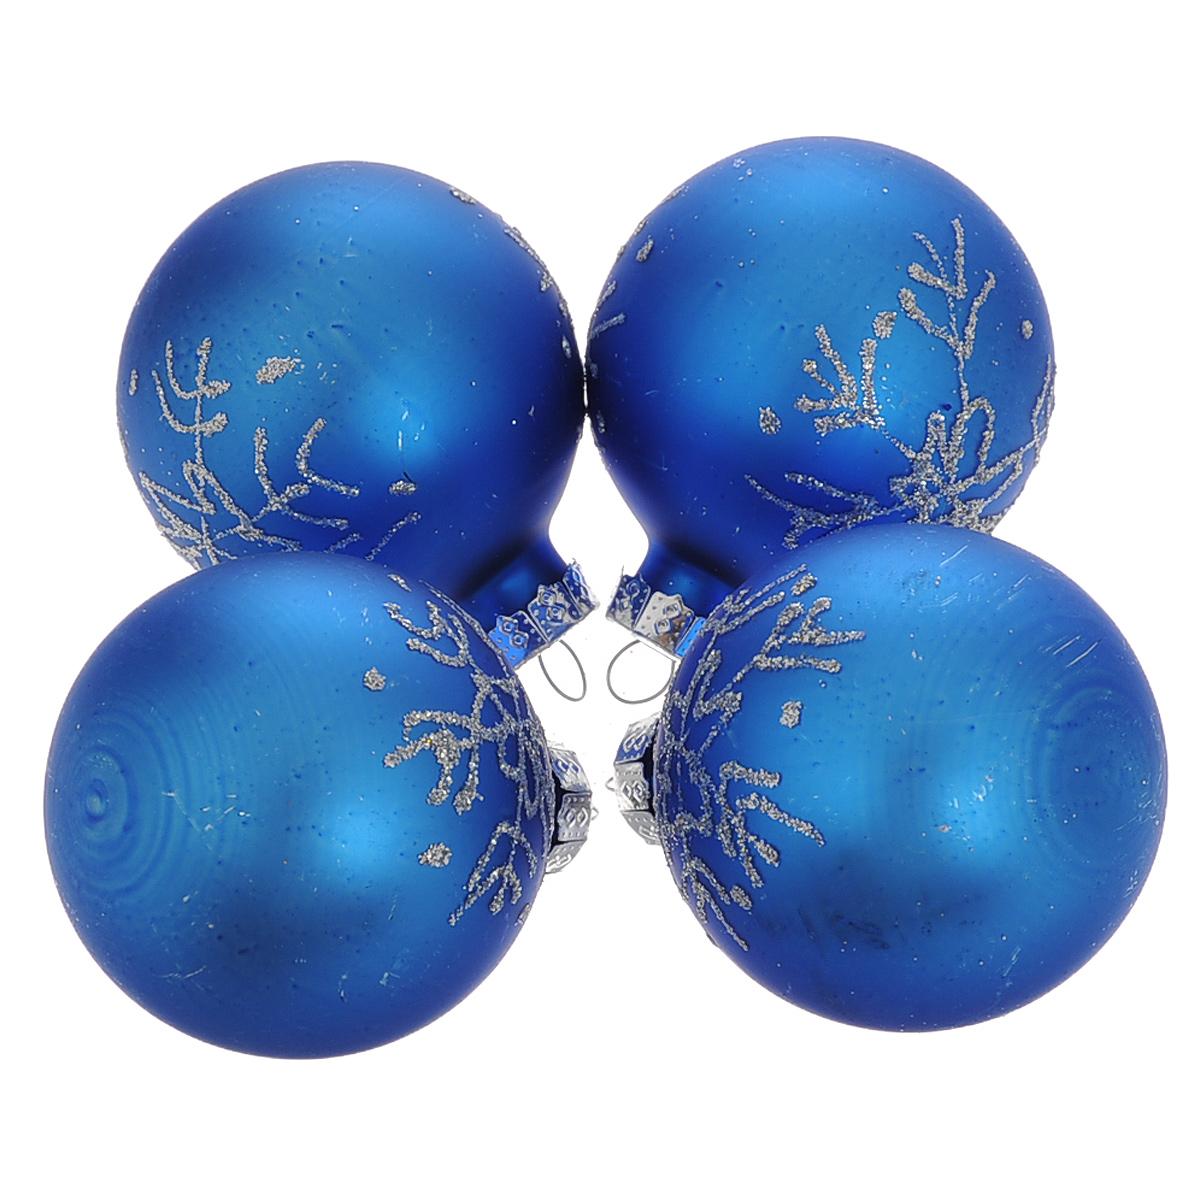 Набор новогодних подвесных украшений Шар, цвет: серебристый, синий, диаметр 6 см, 4 шт. 3449534495Набор новогодних подвесных украшений Шар прекрасно подойдет для праздничного декора новогодней ели. Состоит из четырех шаров. Елочная игрушка - символ Нового года. Она несет в себе волшебство и красоту праздника. Создайте в своем доме атмосферу веселья и радости, украшая новогоднюю елку нарядными игрушками, которые будут из года в год накапливать теплоту воспоминаний. Коллекция декоративных украшений принесет в ваш дом ни с чем несравнимое ощущение волшебства! Откройте для себя удивительный мир сказок и грез. Почувствуйте волшебные минуты ожидания праздника, создайте новогоднее настроение вашим дорогим и близким.